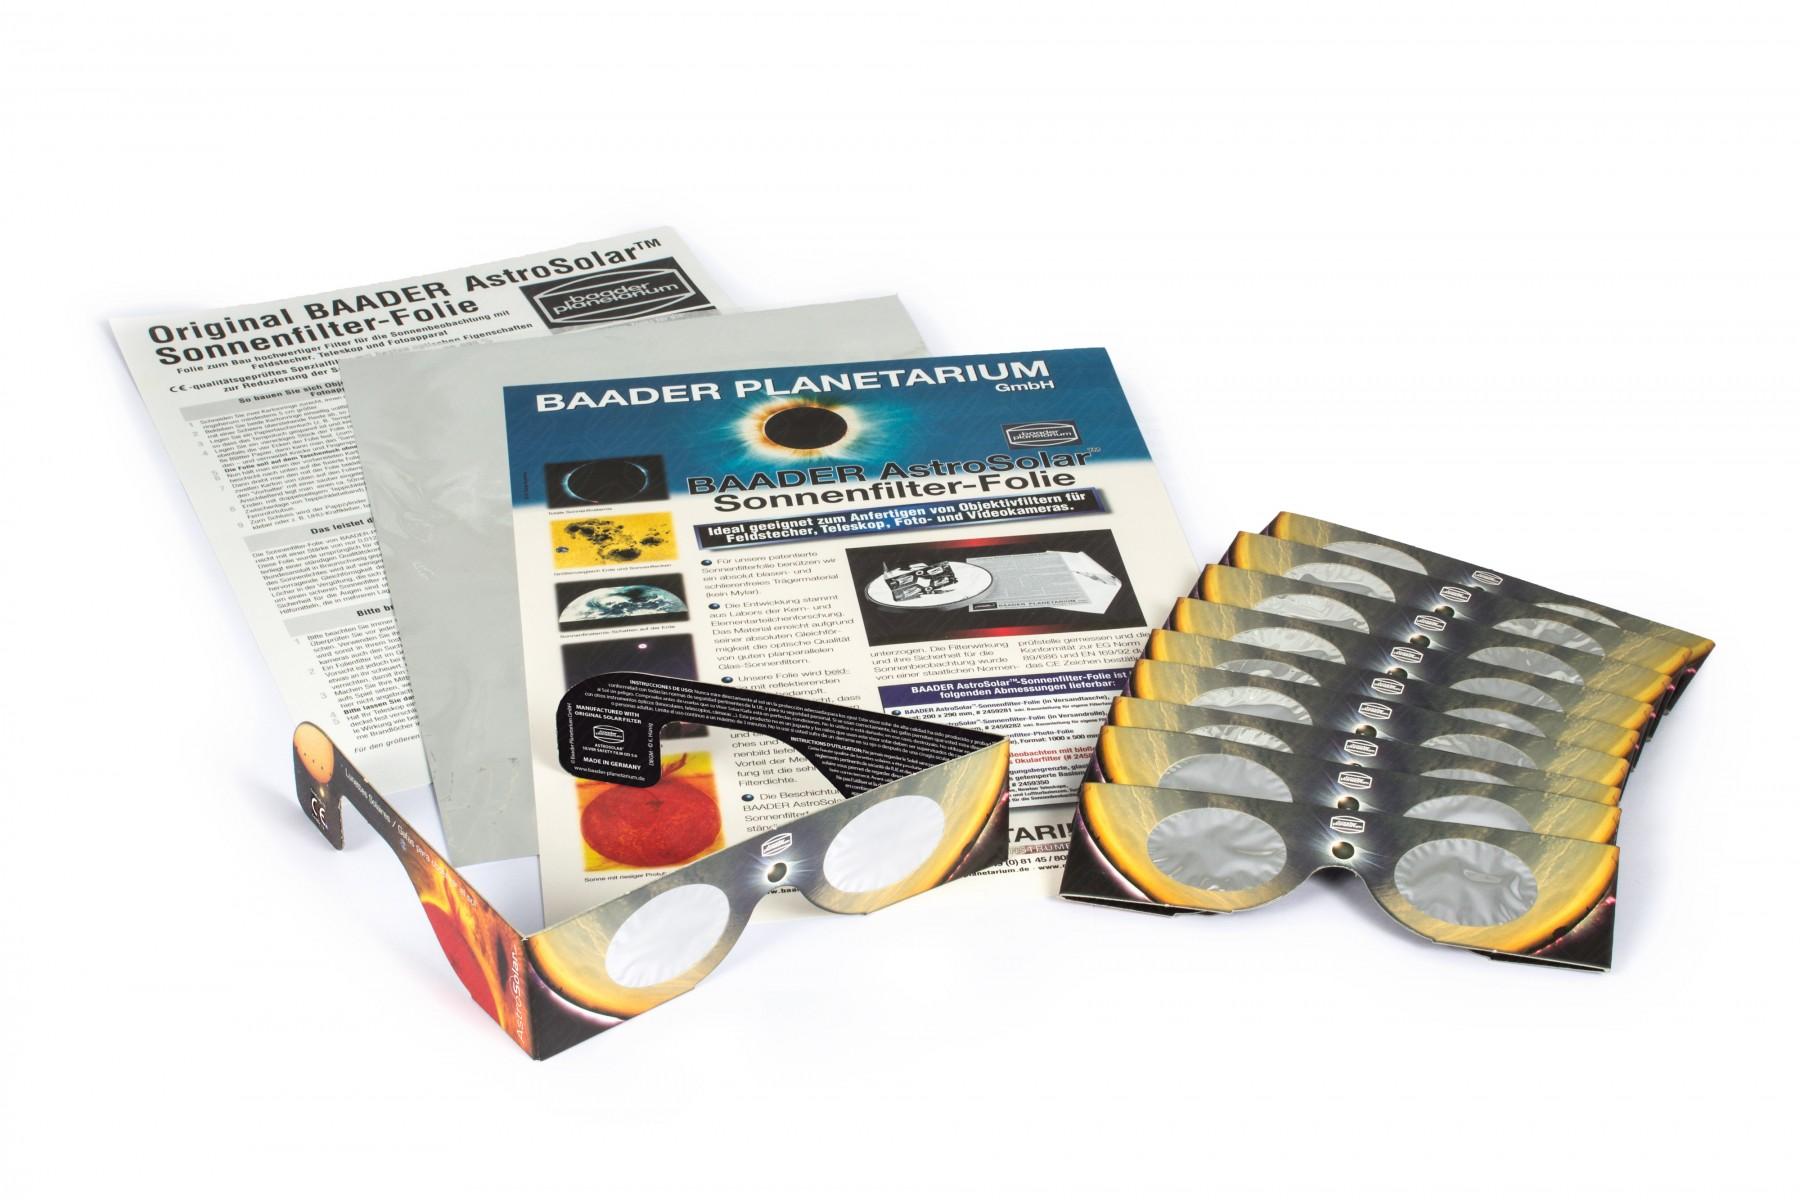 10x Solar Viewer Sonnensichtbrillen + 1x AstroSolar A4 Folie